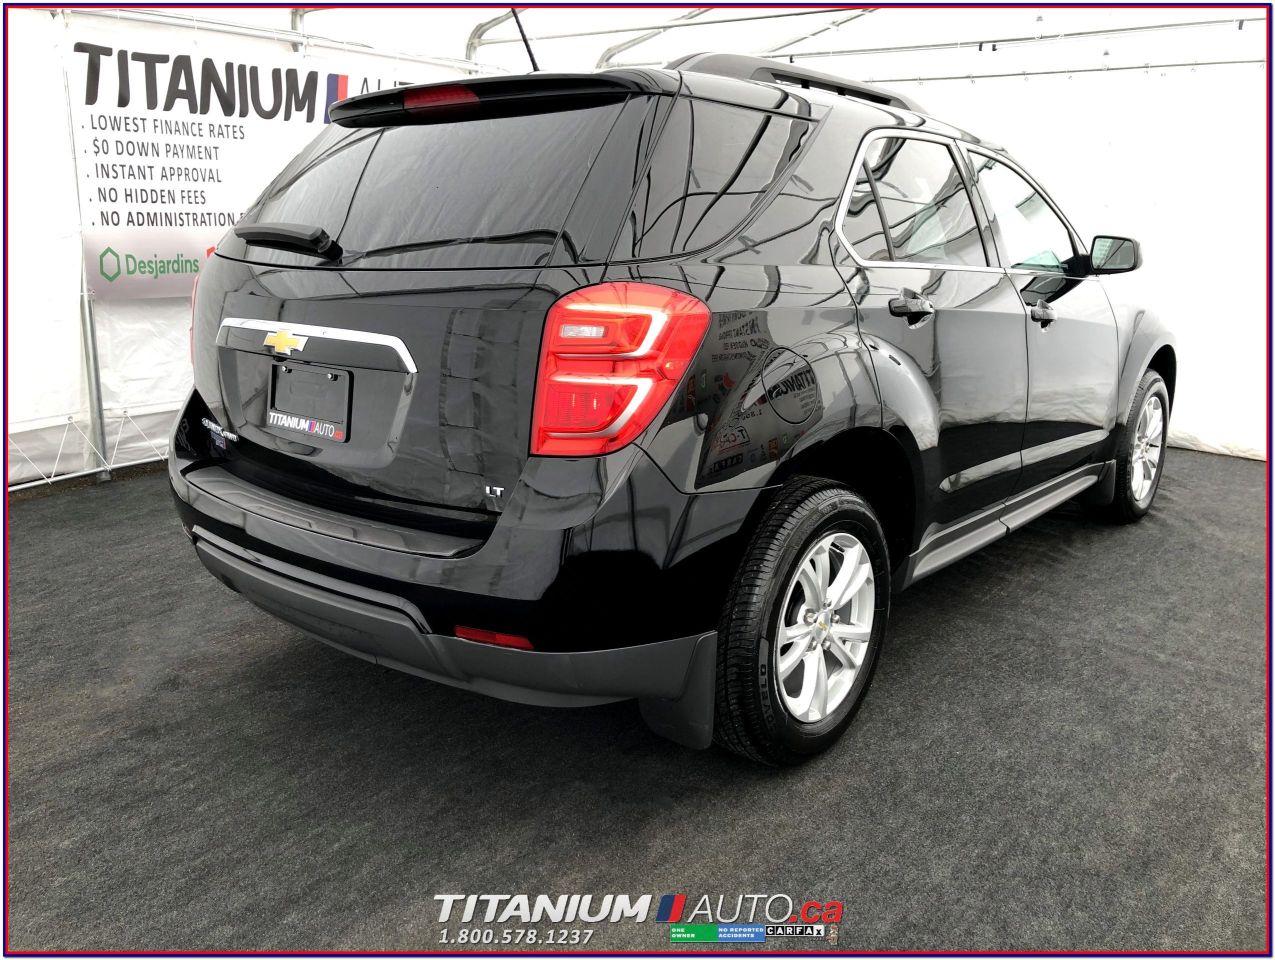 2017 Chevrolet Equinox Titanium Auto Ca